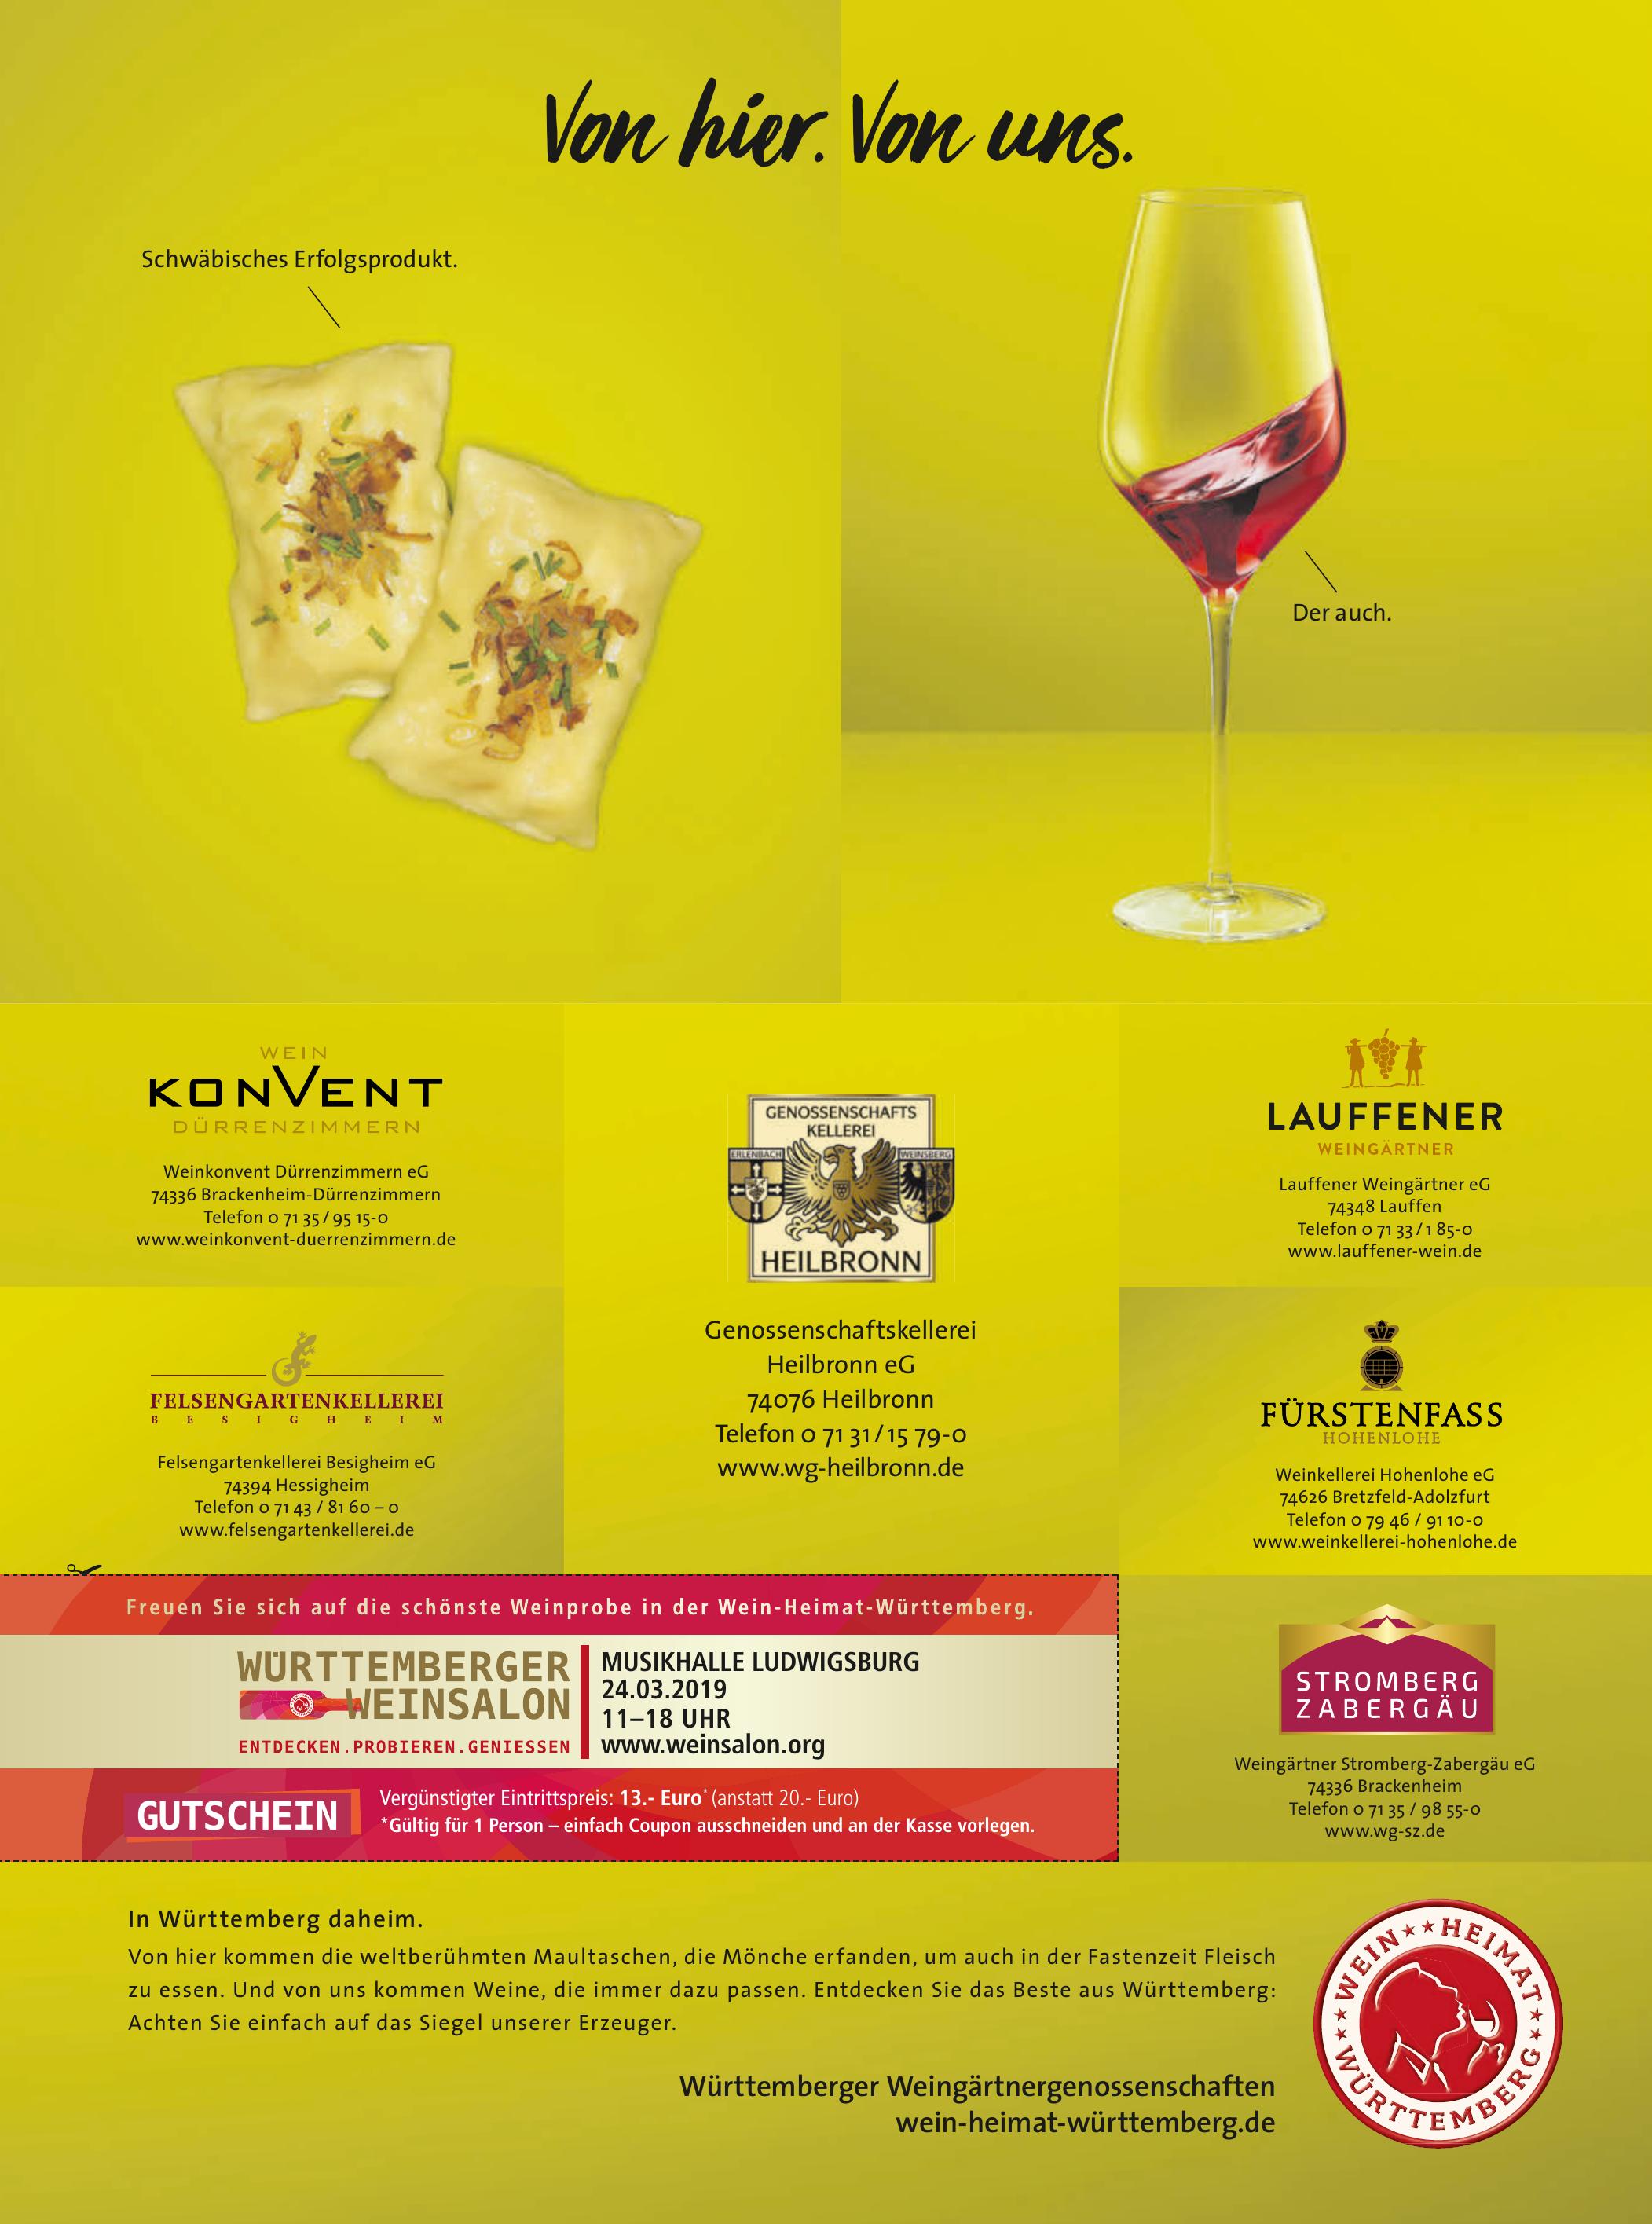 Württemberger Weingärtnergenossenschaften